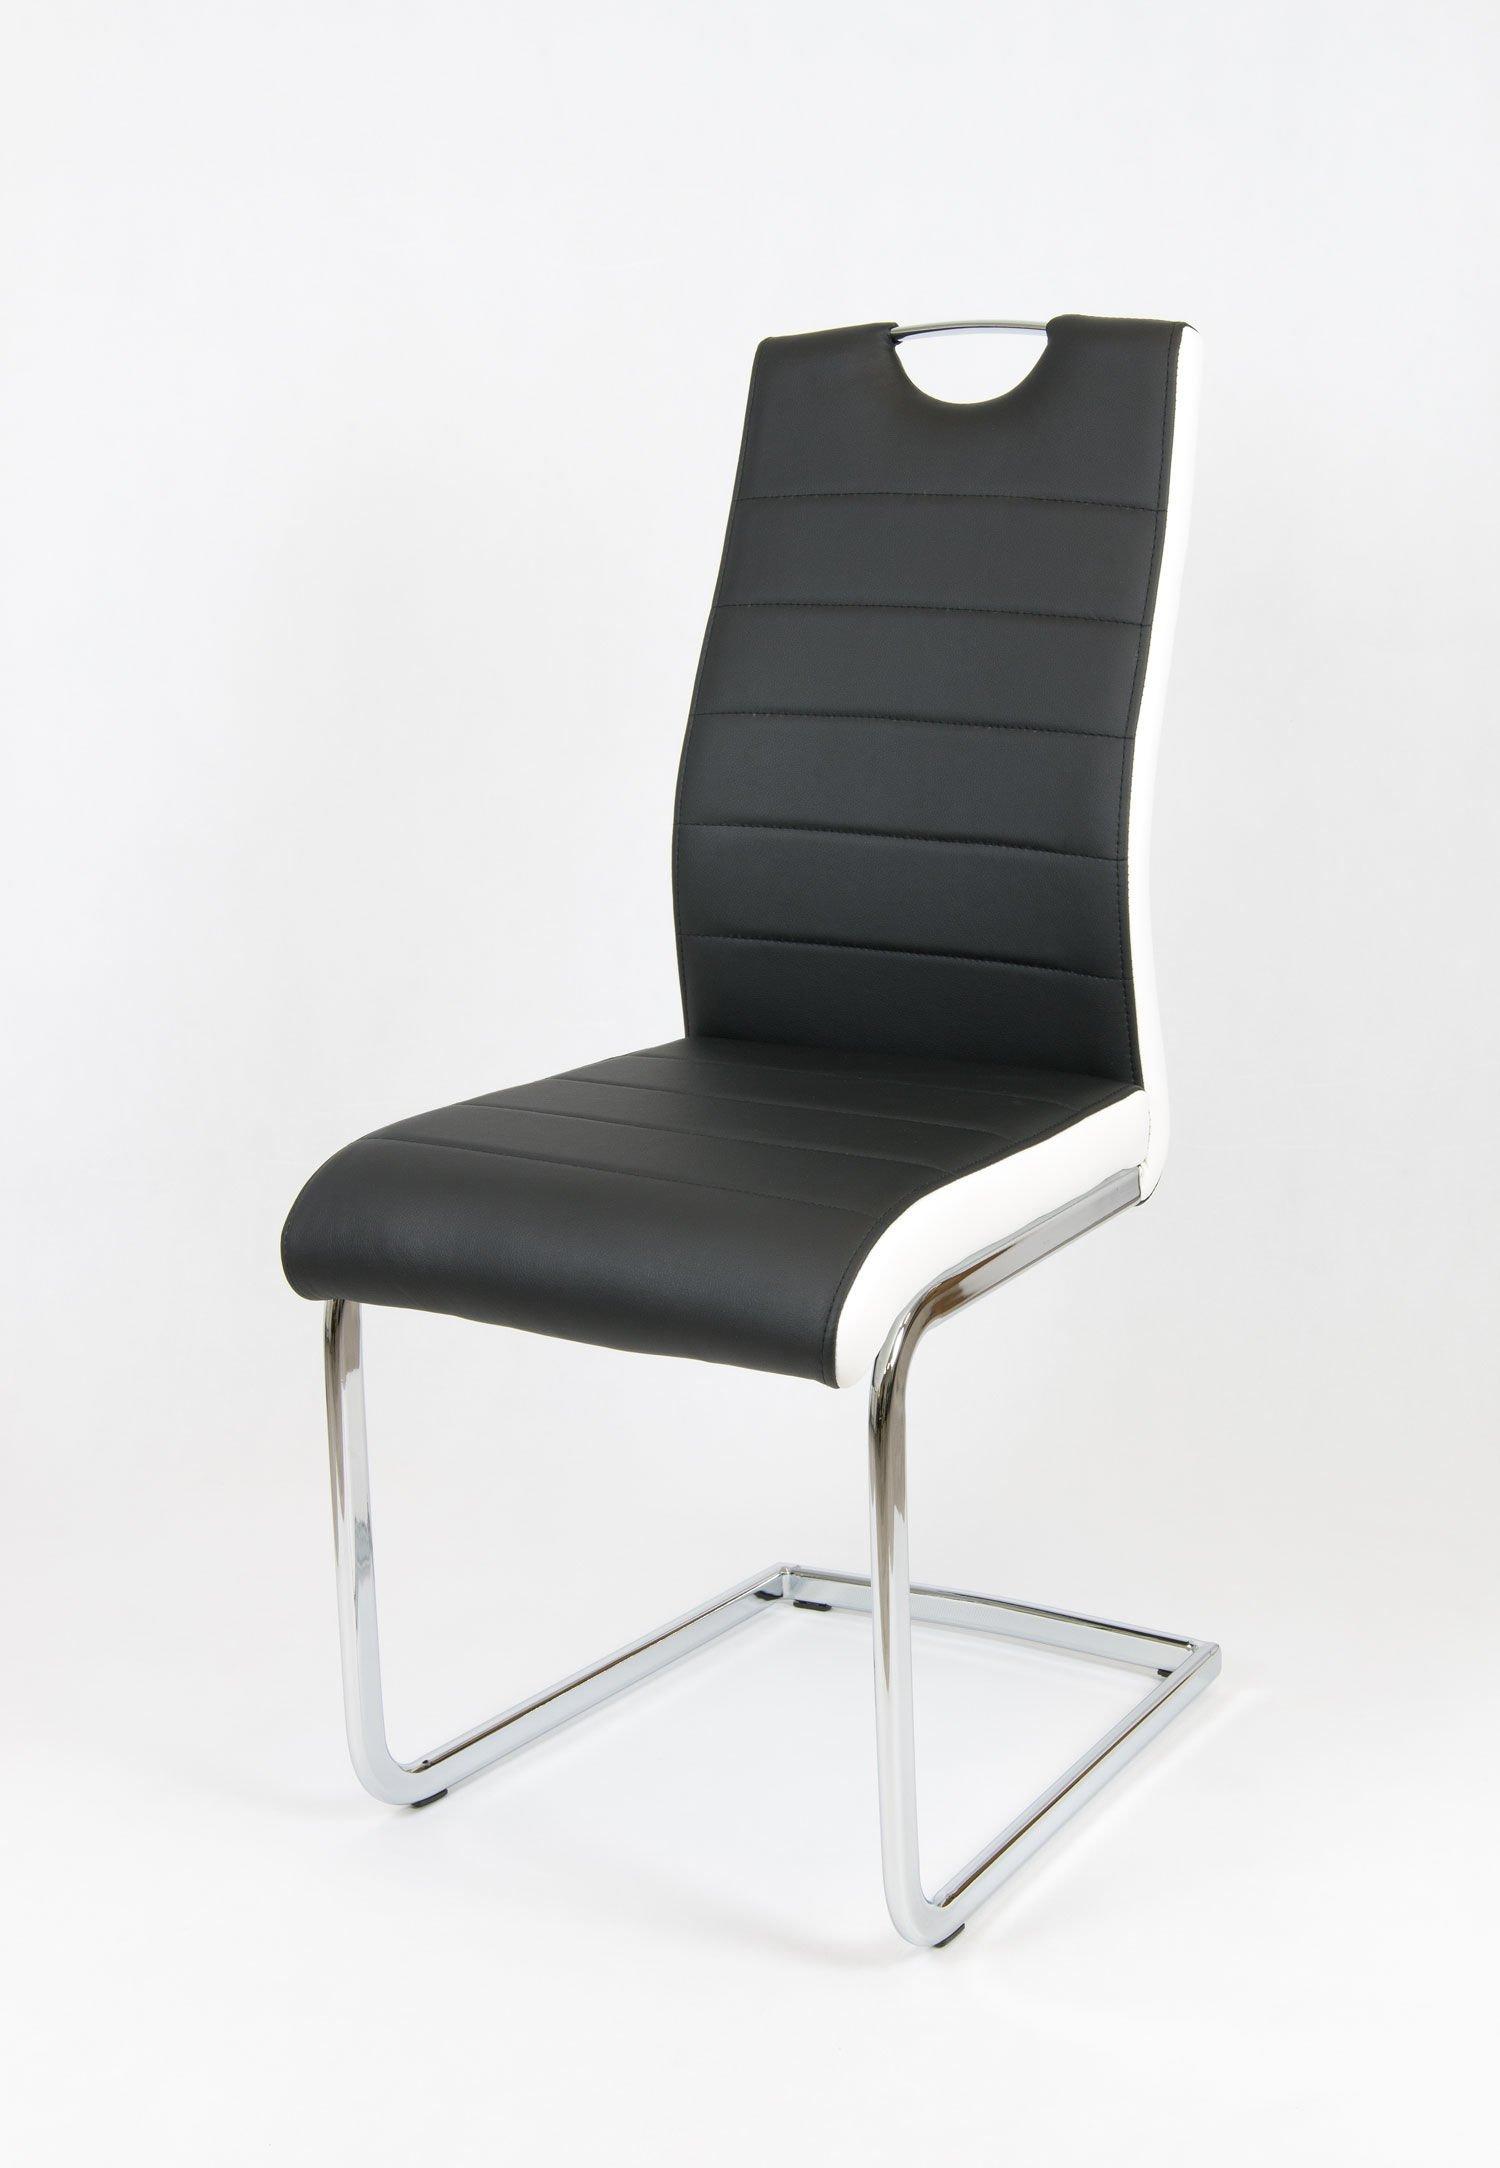 sk design ks037 schwarz kunsleder stuhl mit chrome schwarz angebot st hle farbe schwarz. Black Bedroom Furniture Sets. Home Design Ideas